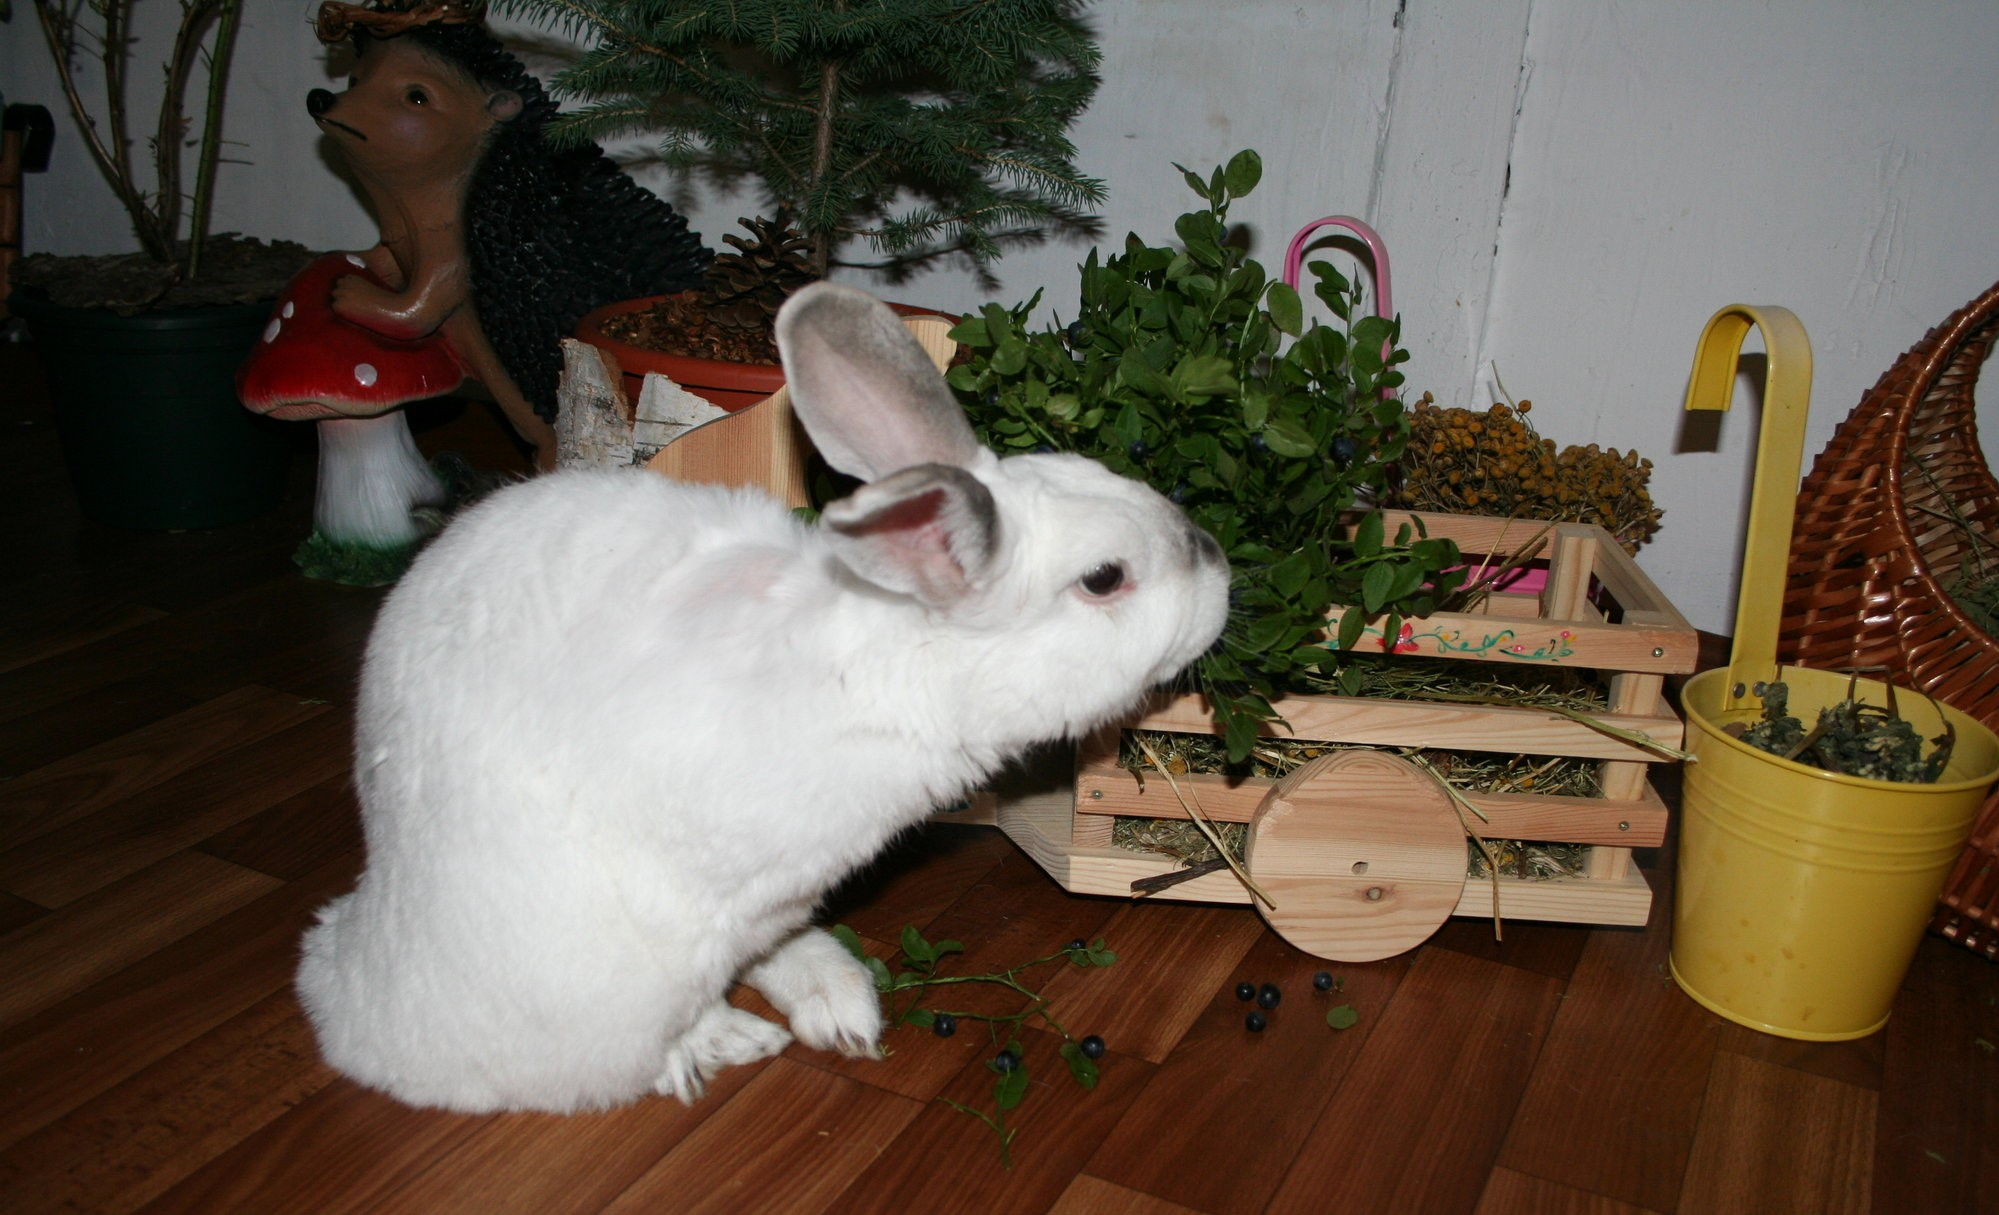 Обучаем декоративного кролика различным командам